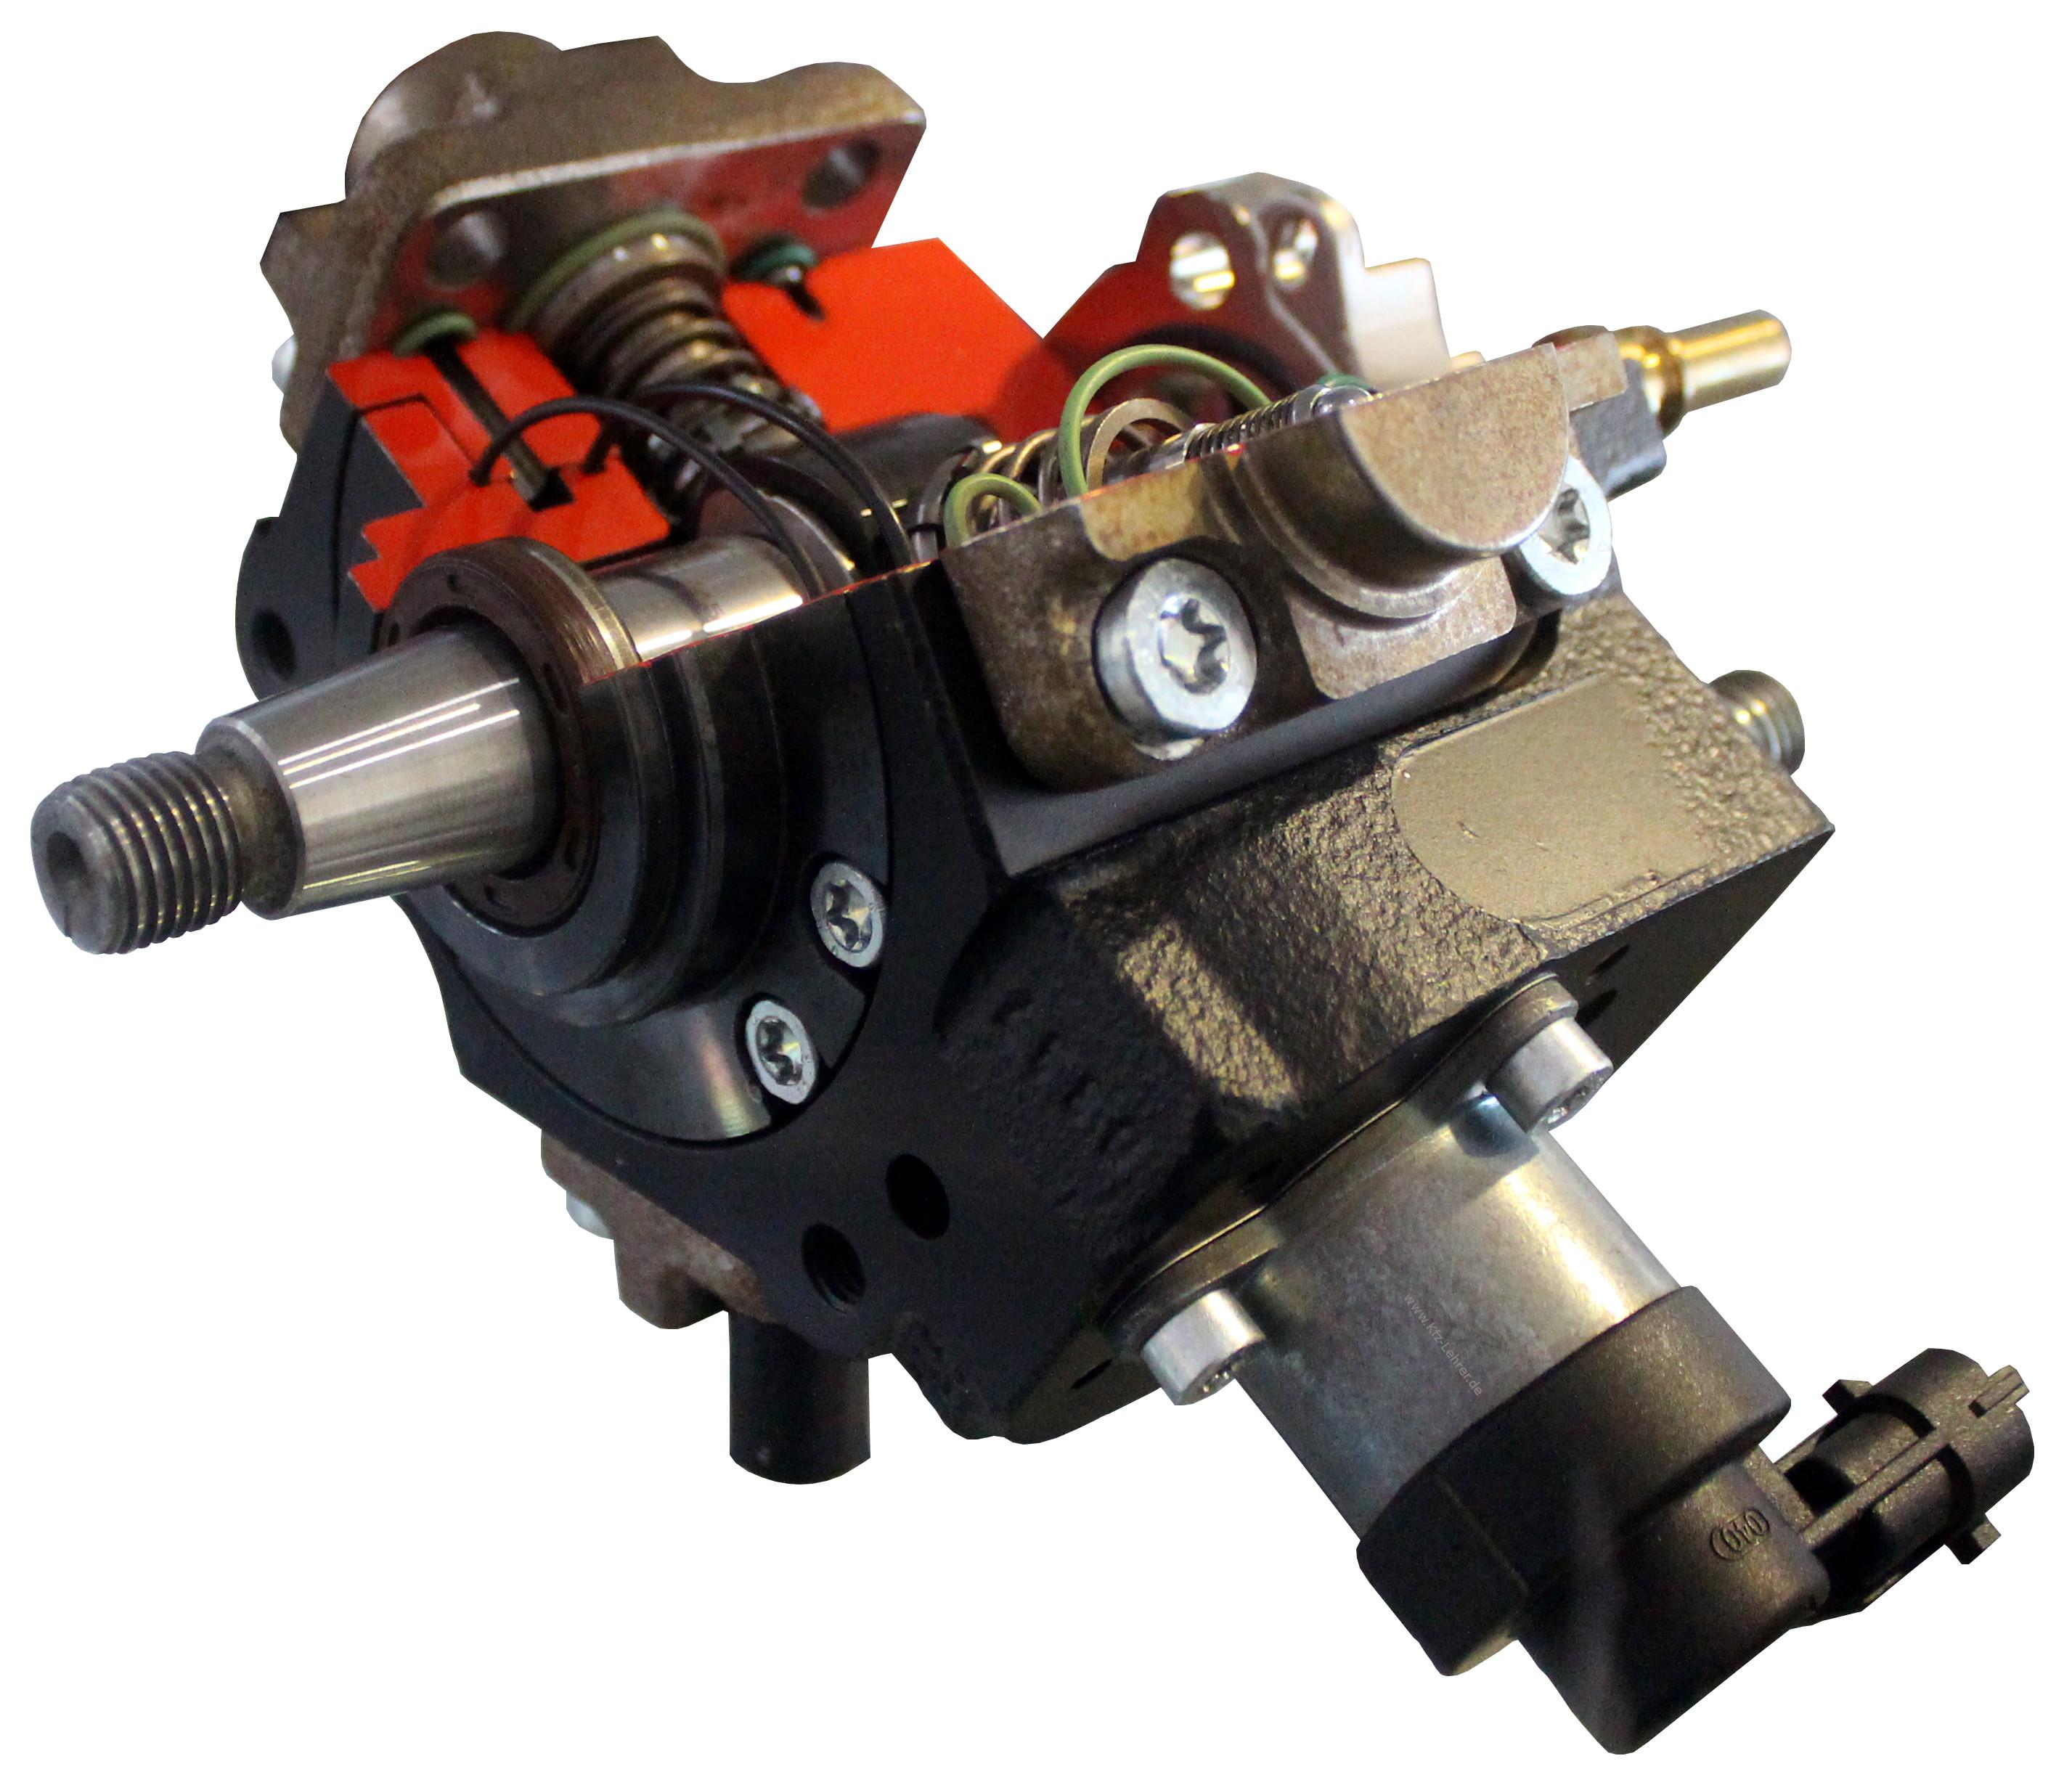 zu sehen ist eine Bosch Hochdruckpumpe als Schnittmodell